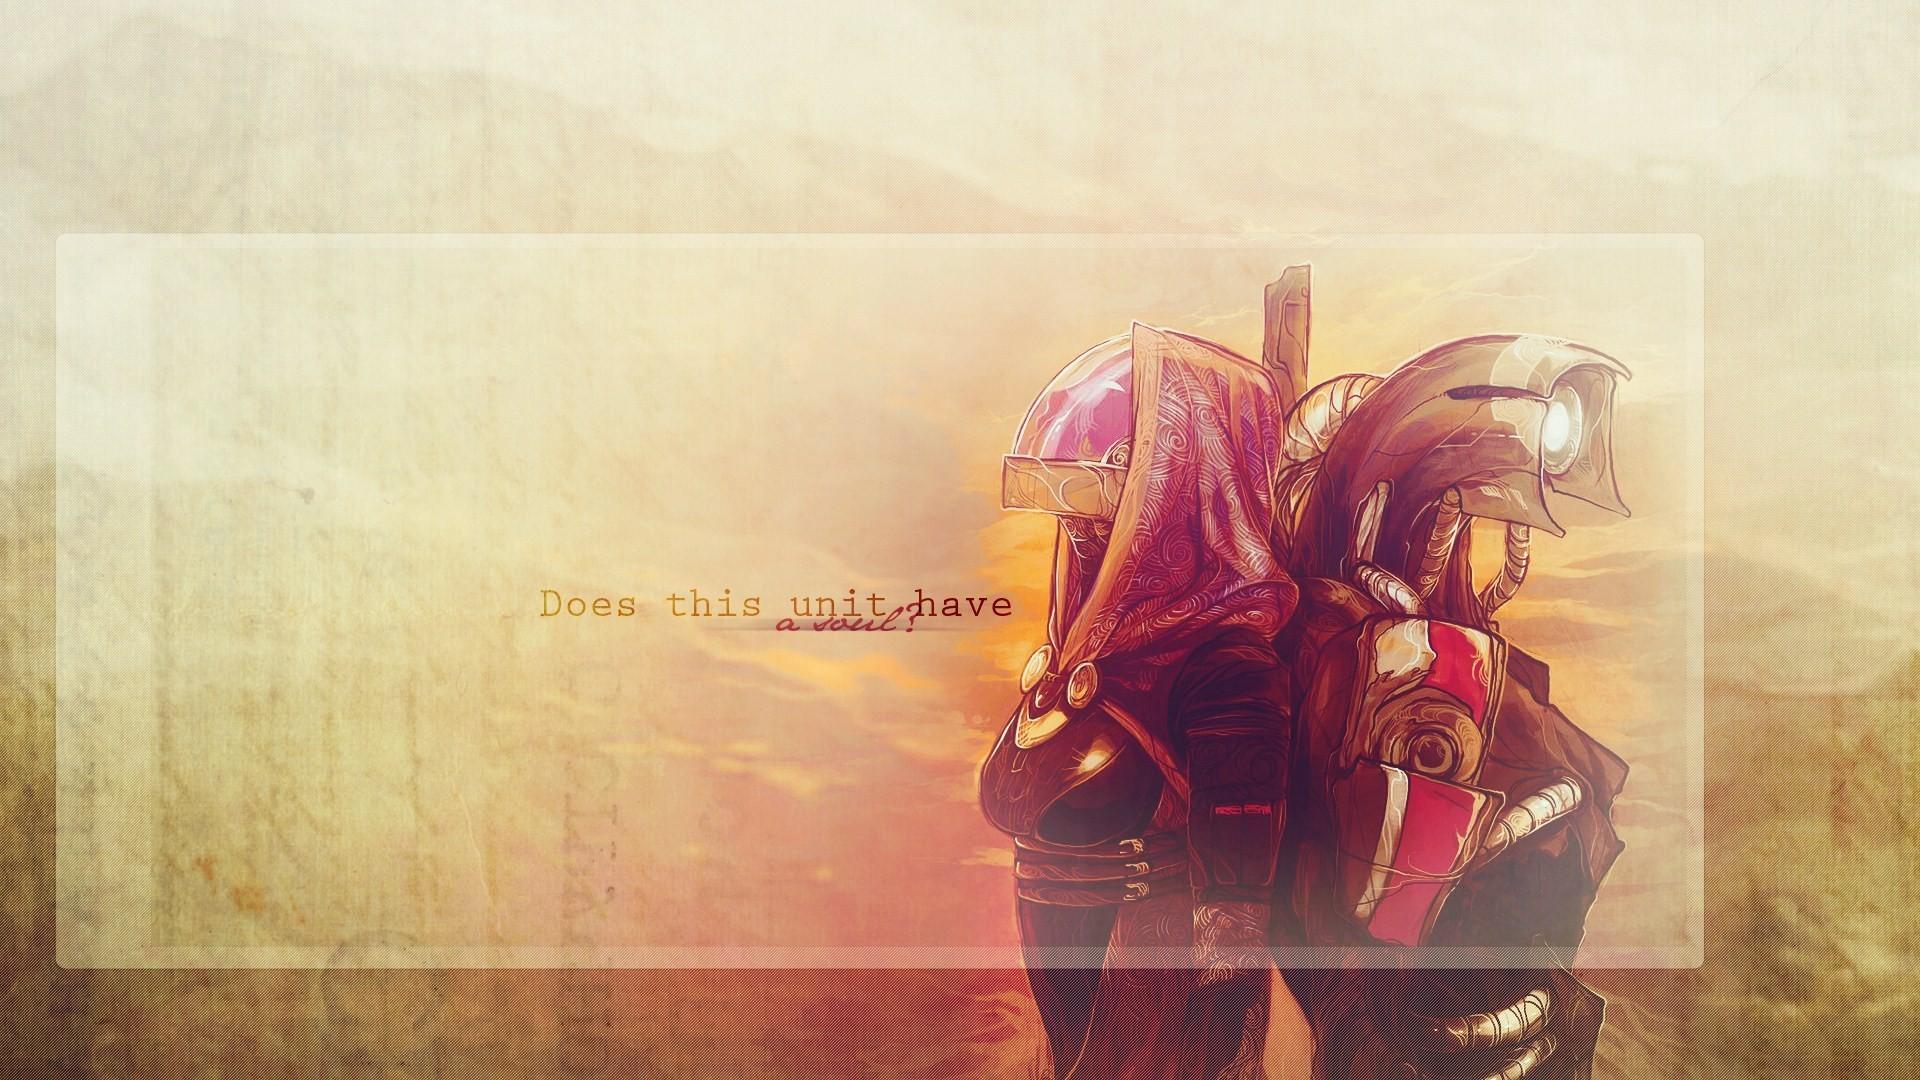 Mass Effect Tali Wallpaper (86+ images)